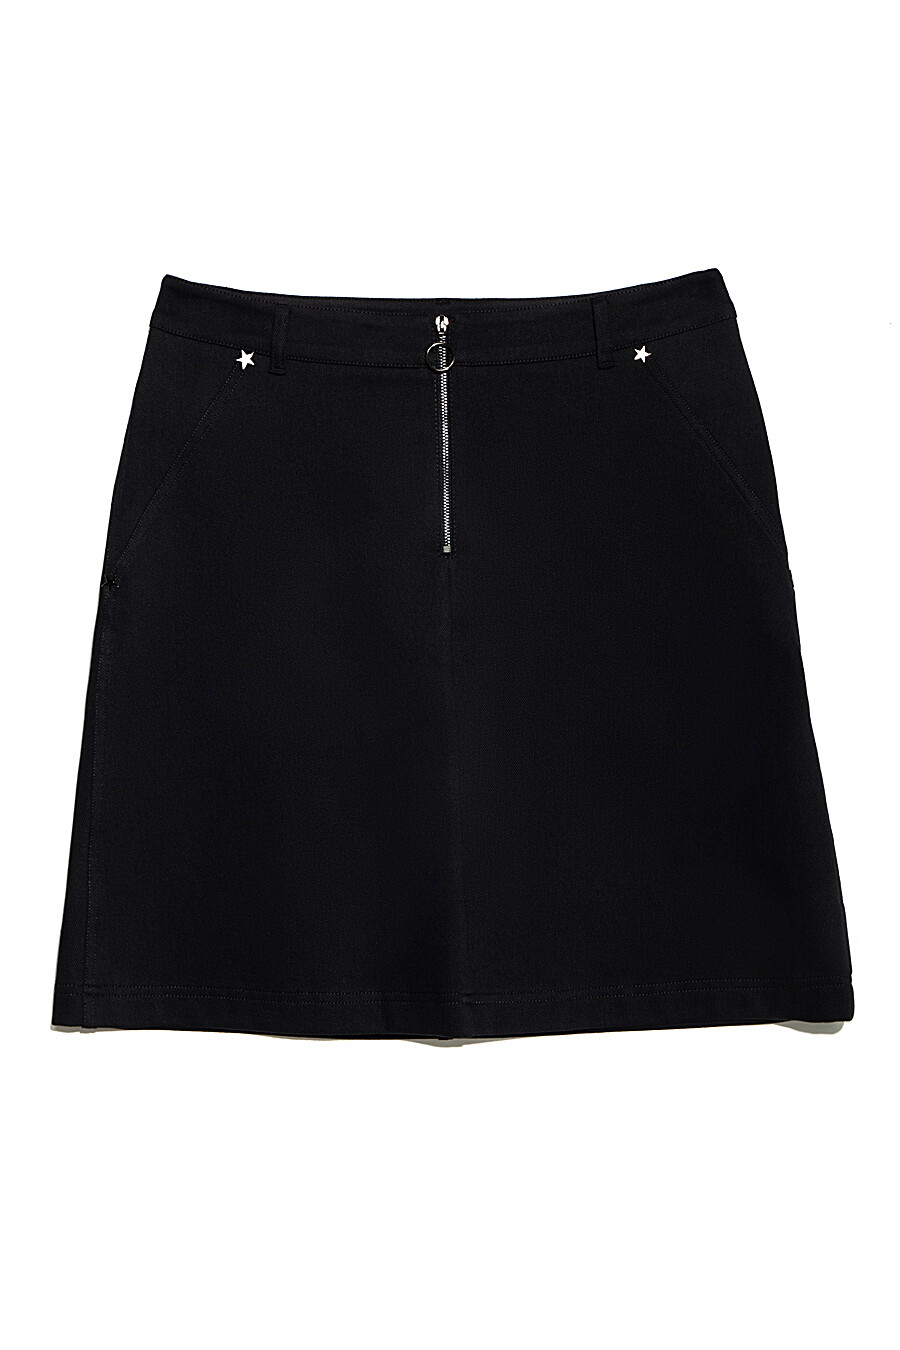 Юбка для женщин CONTE ELEGANT 148663 купить оптом от производителя. Совместная покупка женской одежды в OptMoyo